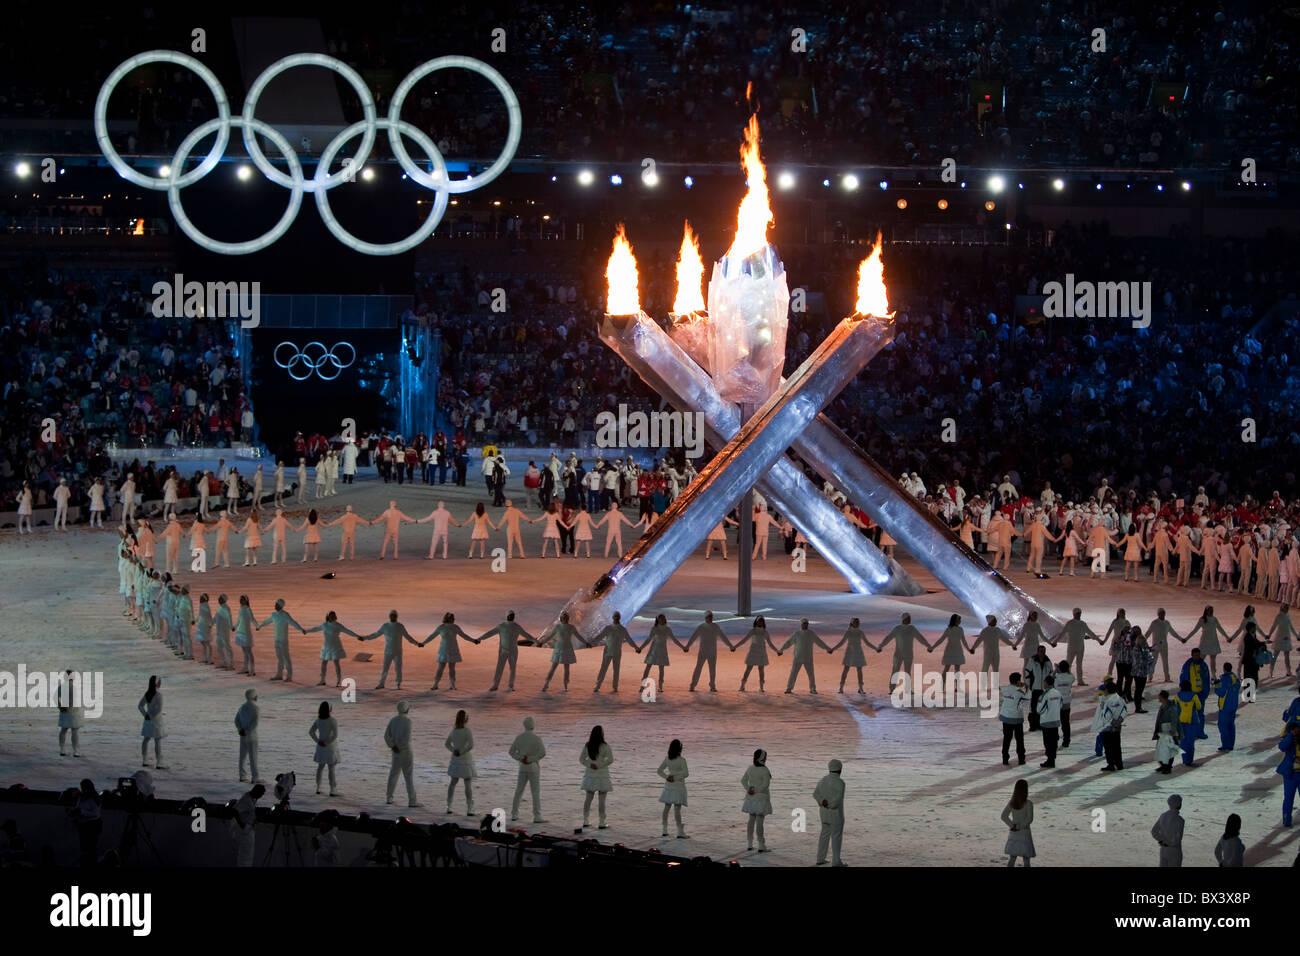 Juegos Olimpicos De Invierno De Vancouver 2010 Ceremonia De